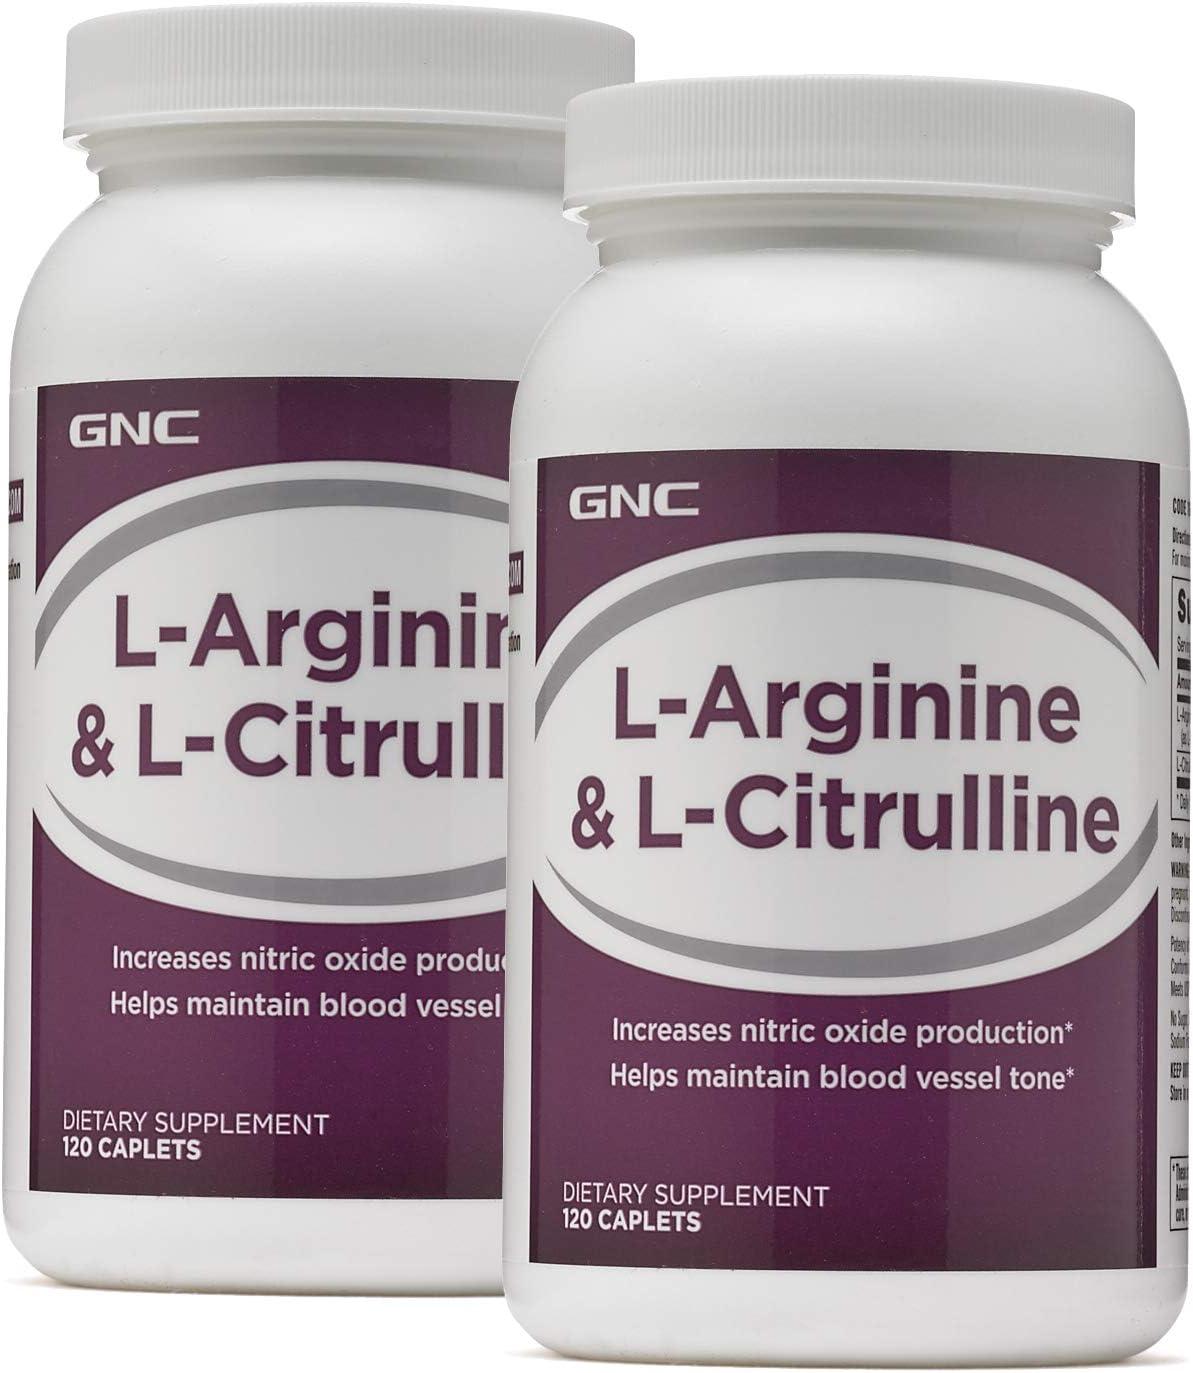 GNC L-Arginine L-Citrulline – Twin Pack